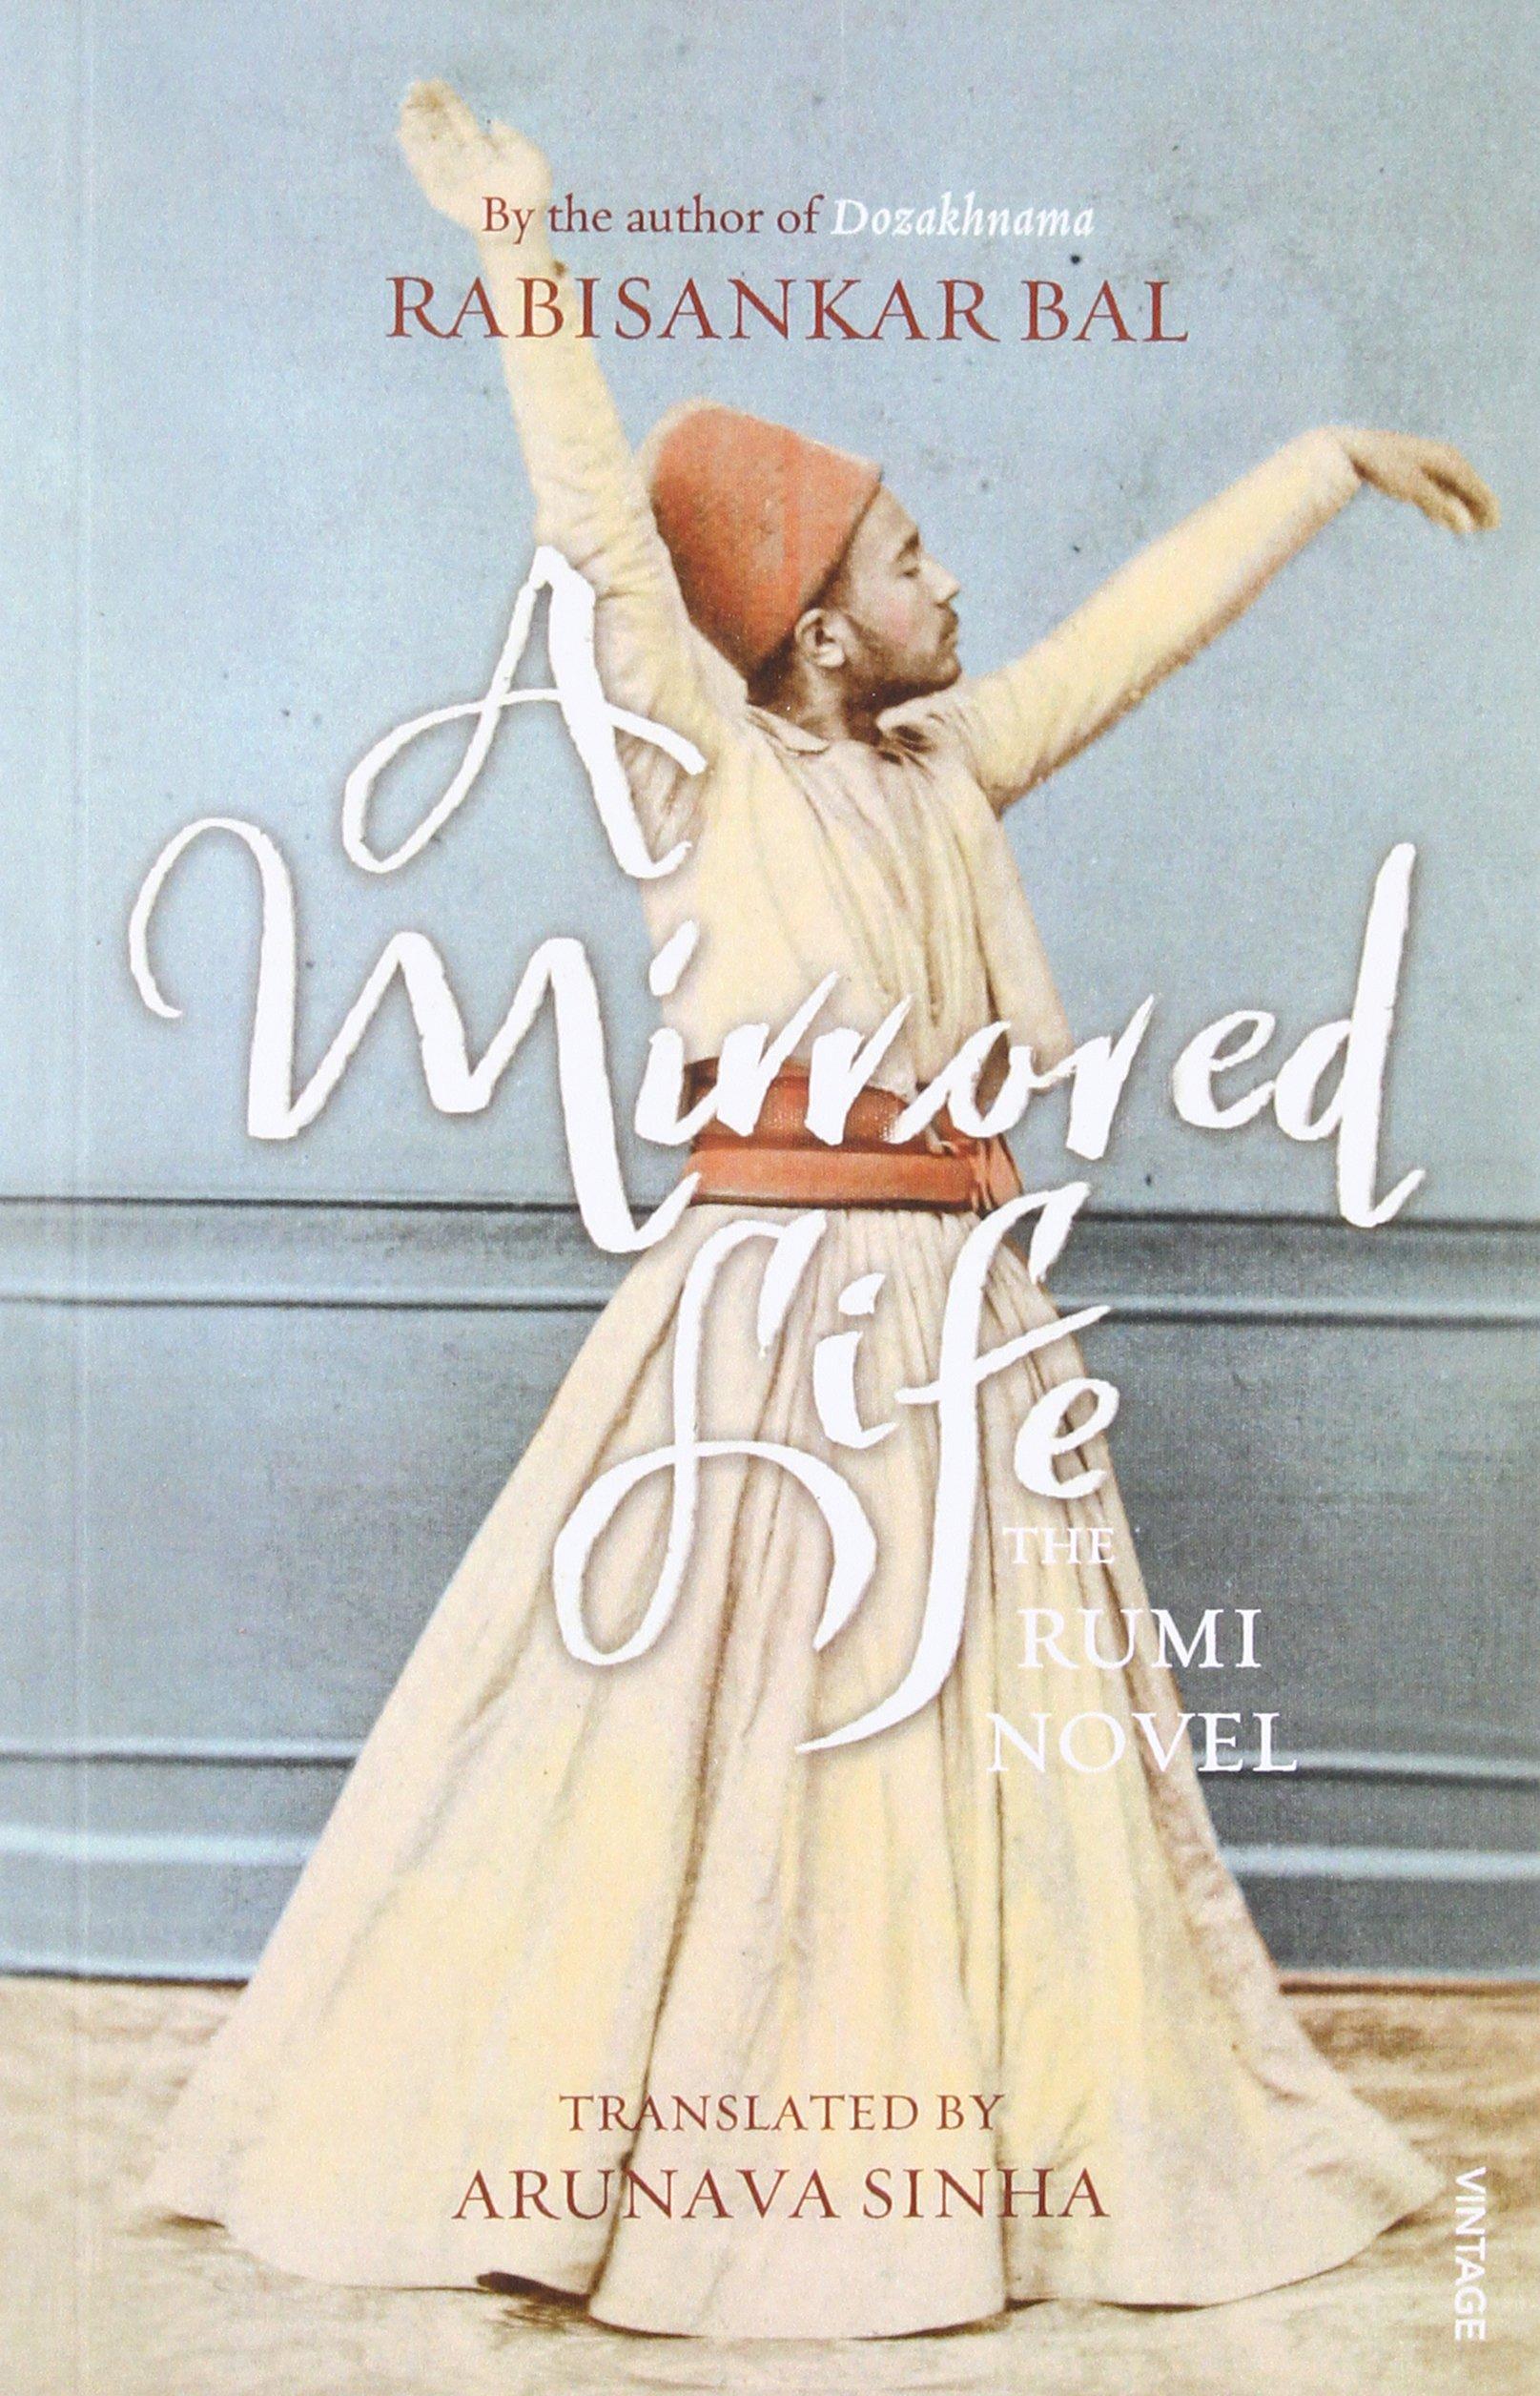 A Mirrored Life: The Rumi Novel: Rabisankar Bal, Arunava Sinha ...